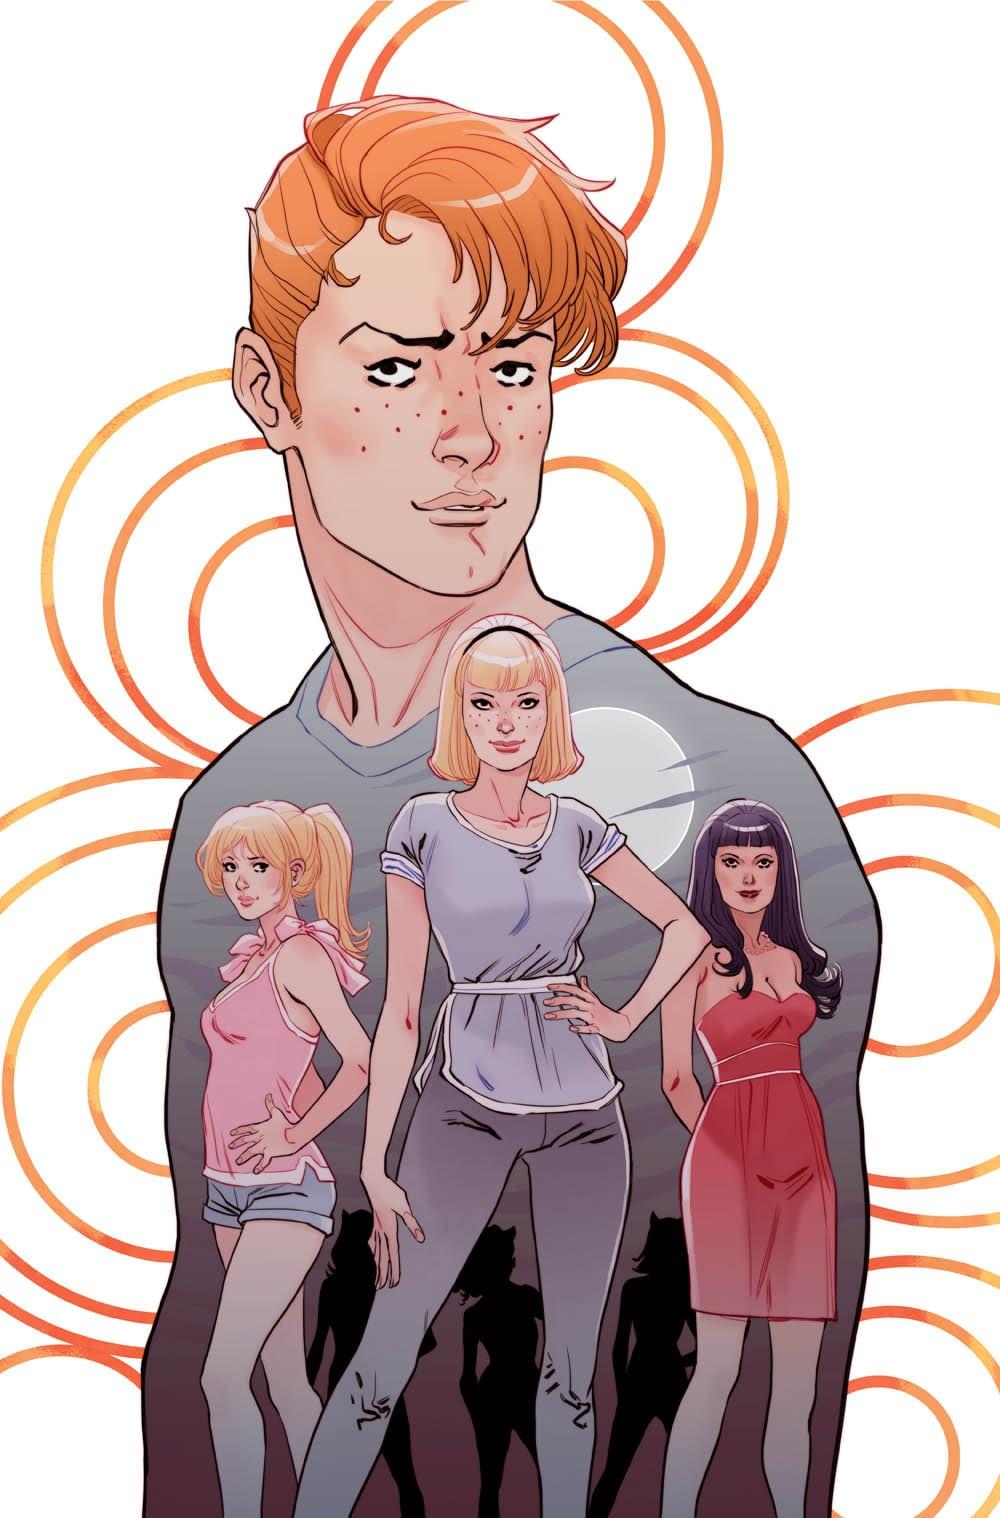 Archie # 700 iniciará una nueva era audaz en Riverdale